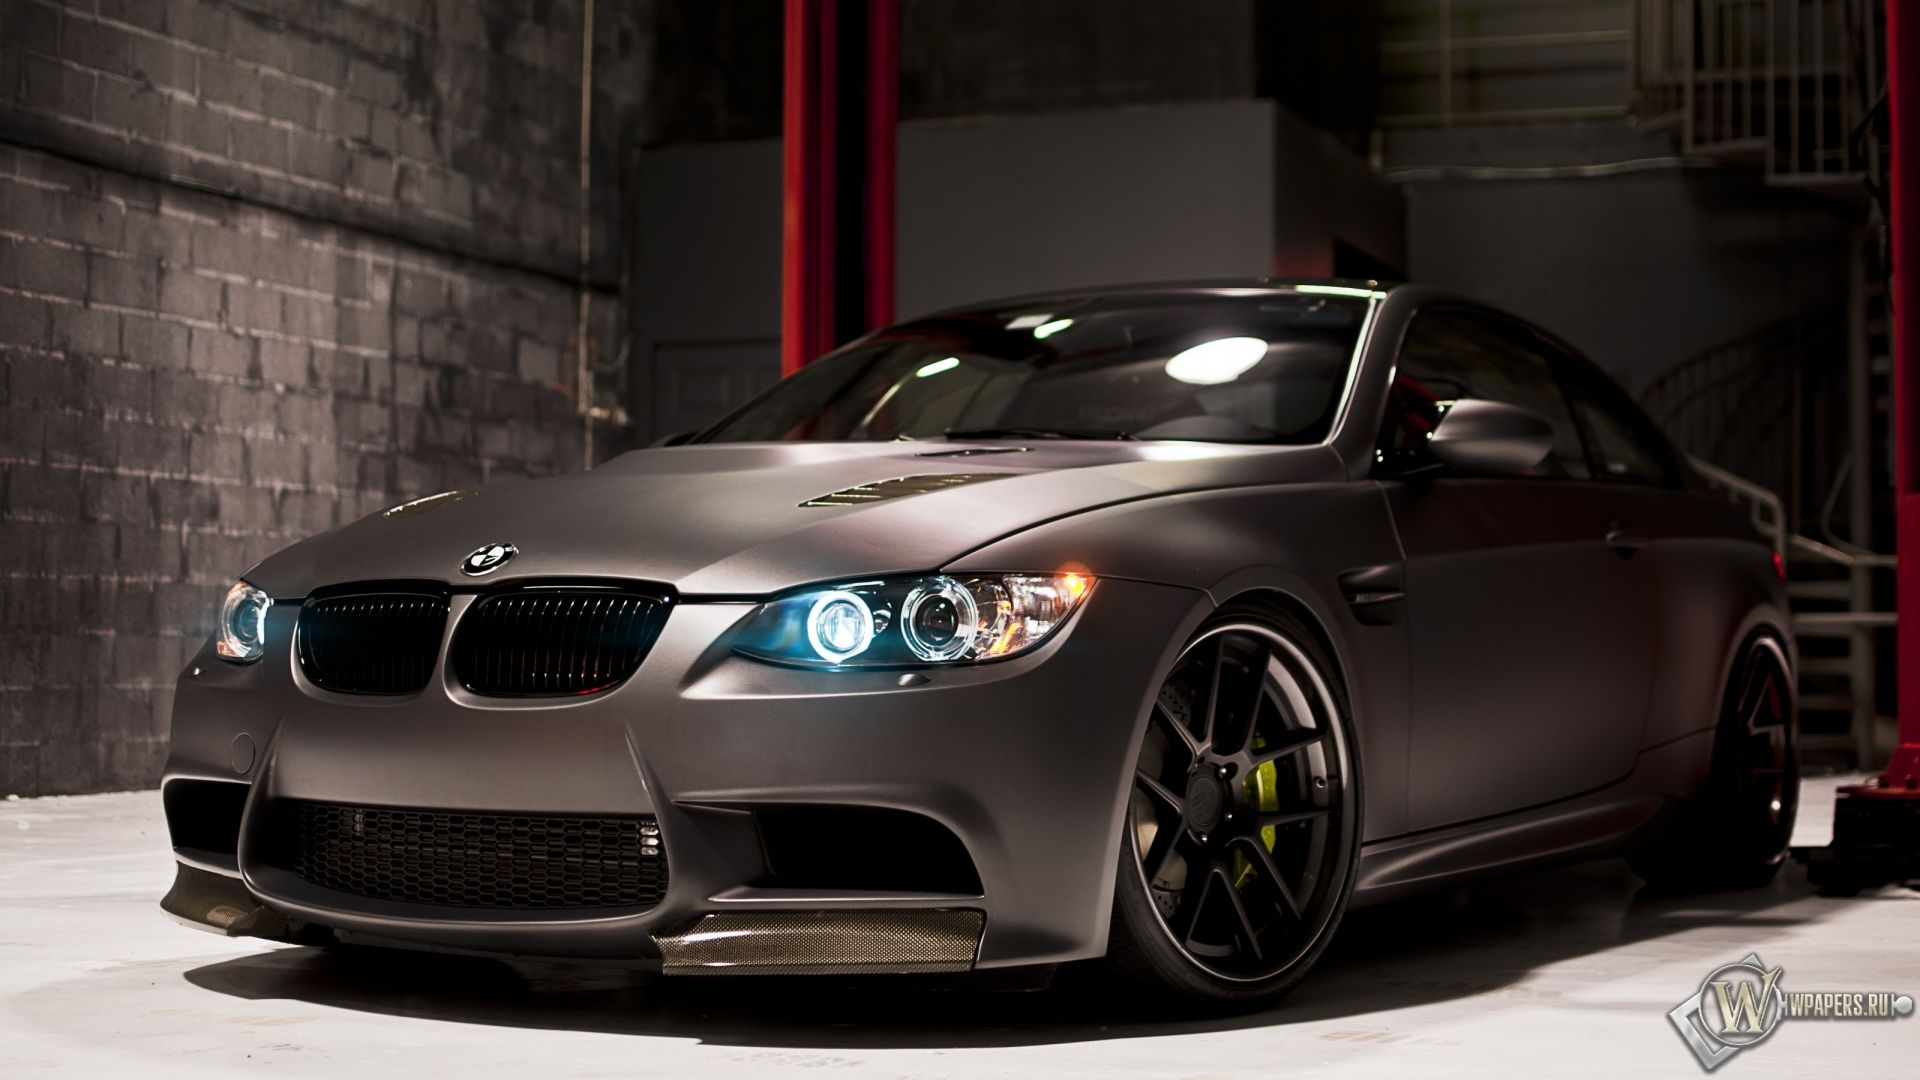 matte black bmw m3 coupe by rdsport bmw m3 1920x1080